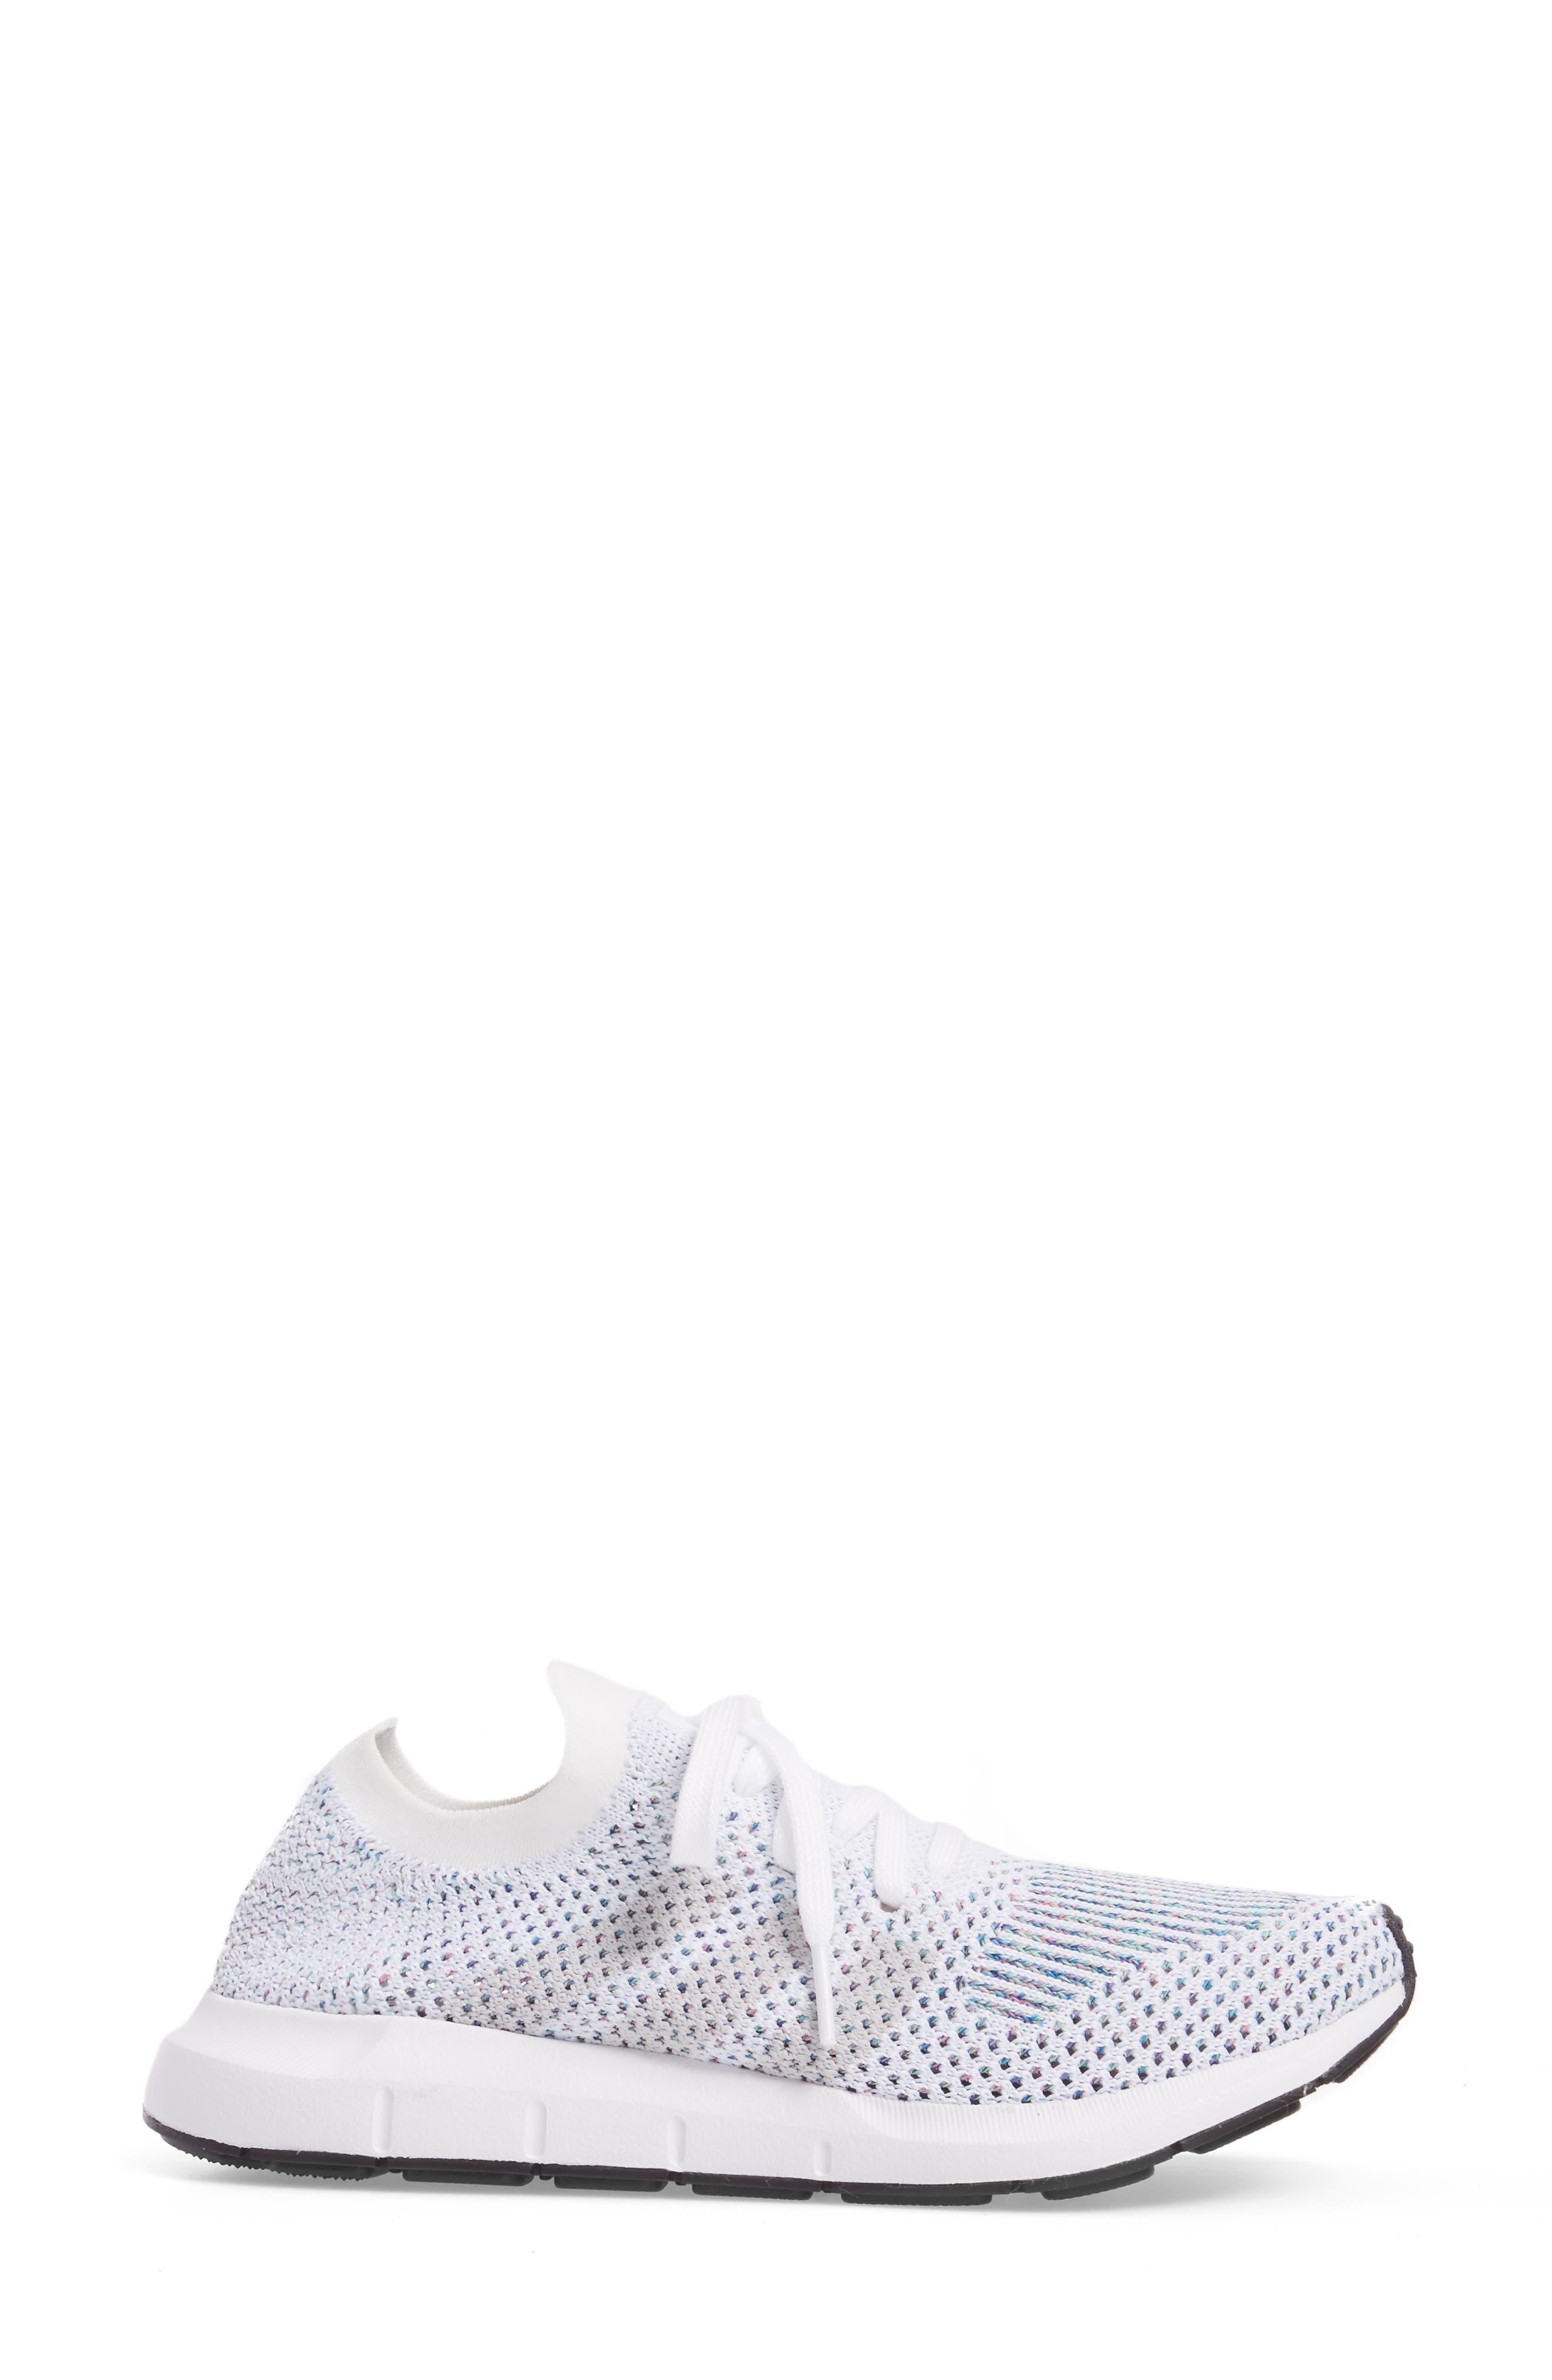 Swift Run Primeknit Training Shoe,                             Alternate thumbnail 3, color,                             White/ Off White/ Core Black